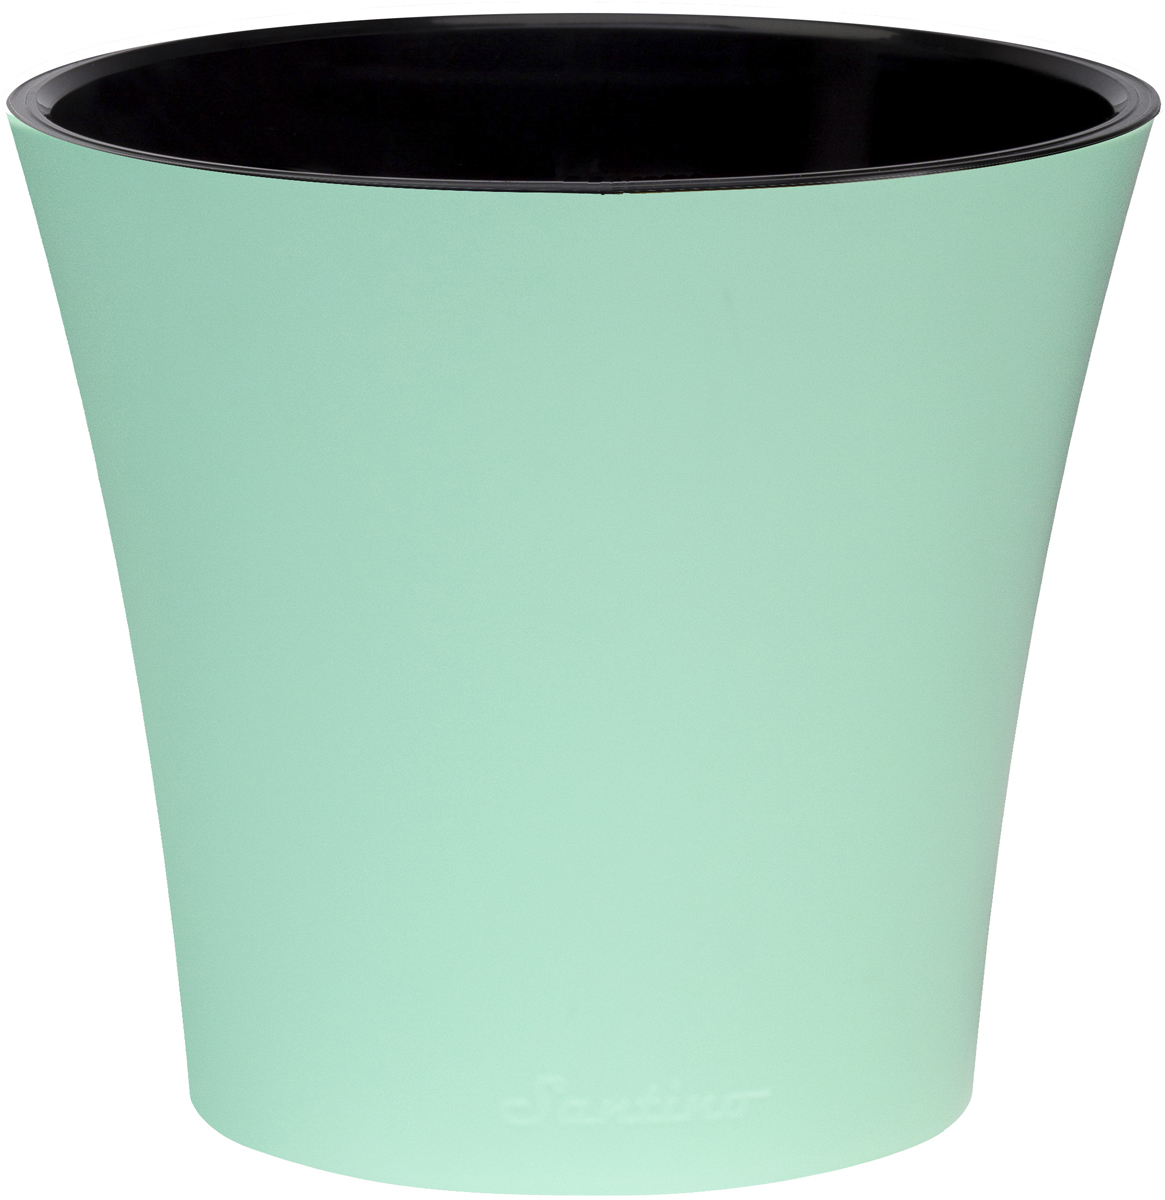 Горшок для цветов Santino Арте, двойной, с системой автополива, цвет: мятный, черный, 1,2 лАРТ 1,2 М-ЧЛюбой, даже самый современный и продуманный интерьер будет незавершенным без растений. Они не только очищают воздух и насыщают его кислородом, но и украшают окружающее пространство. Горшок Santino выполненный из высококачественного пластика, предназначен для выращивания комнатных цветов, растений и трав.Инновационная система автополива обладает рядом преимуществ: экономит время при уходе за растением, вода не протекает при поливе, и нет необходимости в подставке, корни не застаиваются в воде.Такой горшок порадует вас современным дизайном и функциональностью, а также оригинально украсит интерьер любого помещения.